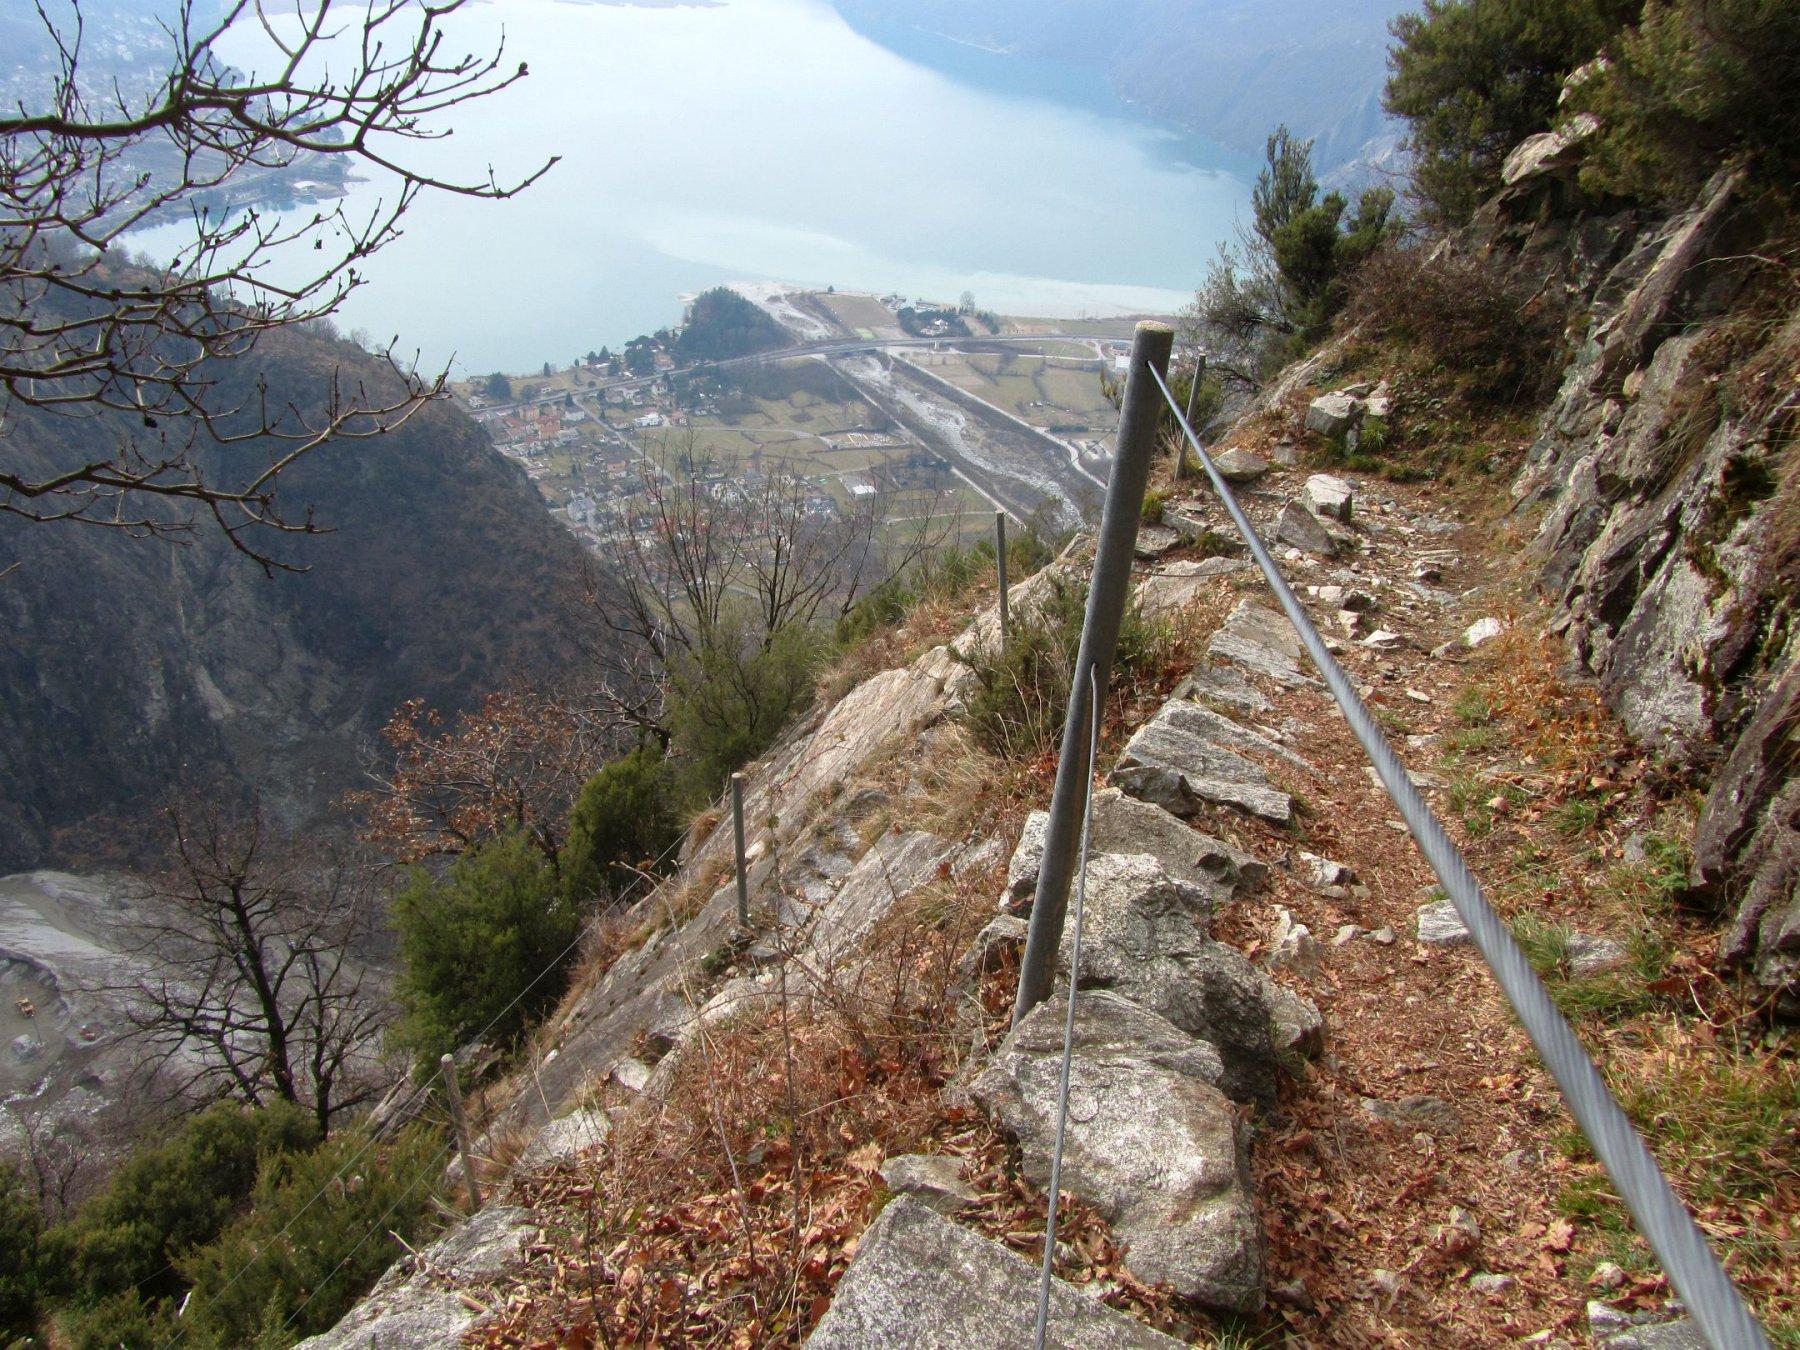 Traversata Verceia - Novate Mezzola Sentiero del Tracciolino 2016-02-12